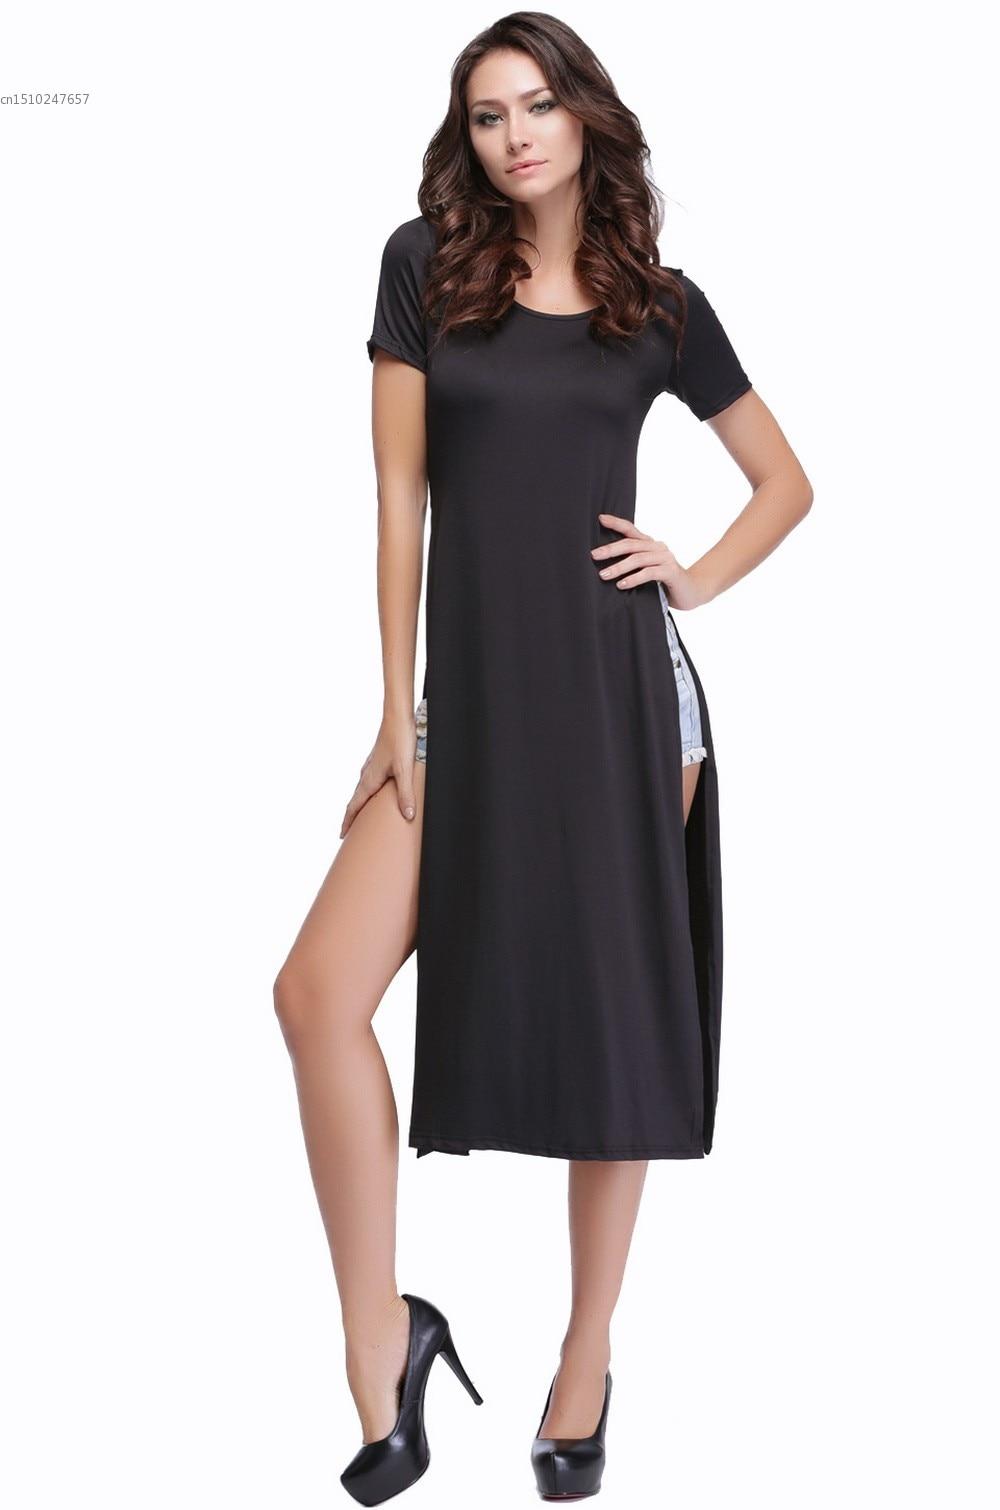 98172c39f00 Marca vestido de alta qualidade New punk longo verão casual gypsy tee  tshirt longo vestido de algodão mulheres vestidos maxi dress 36